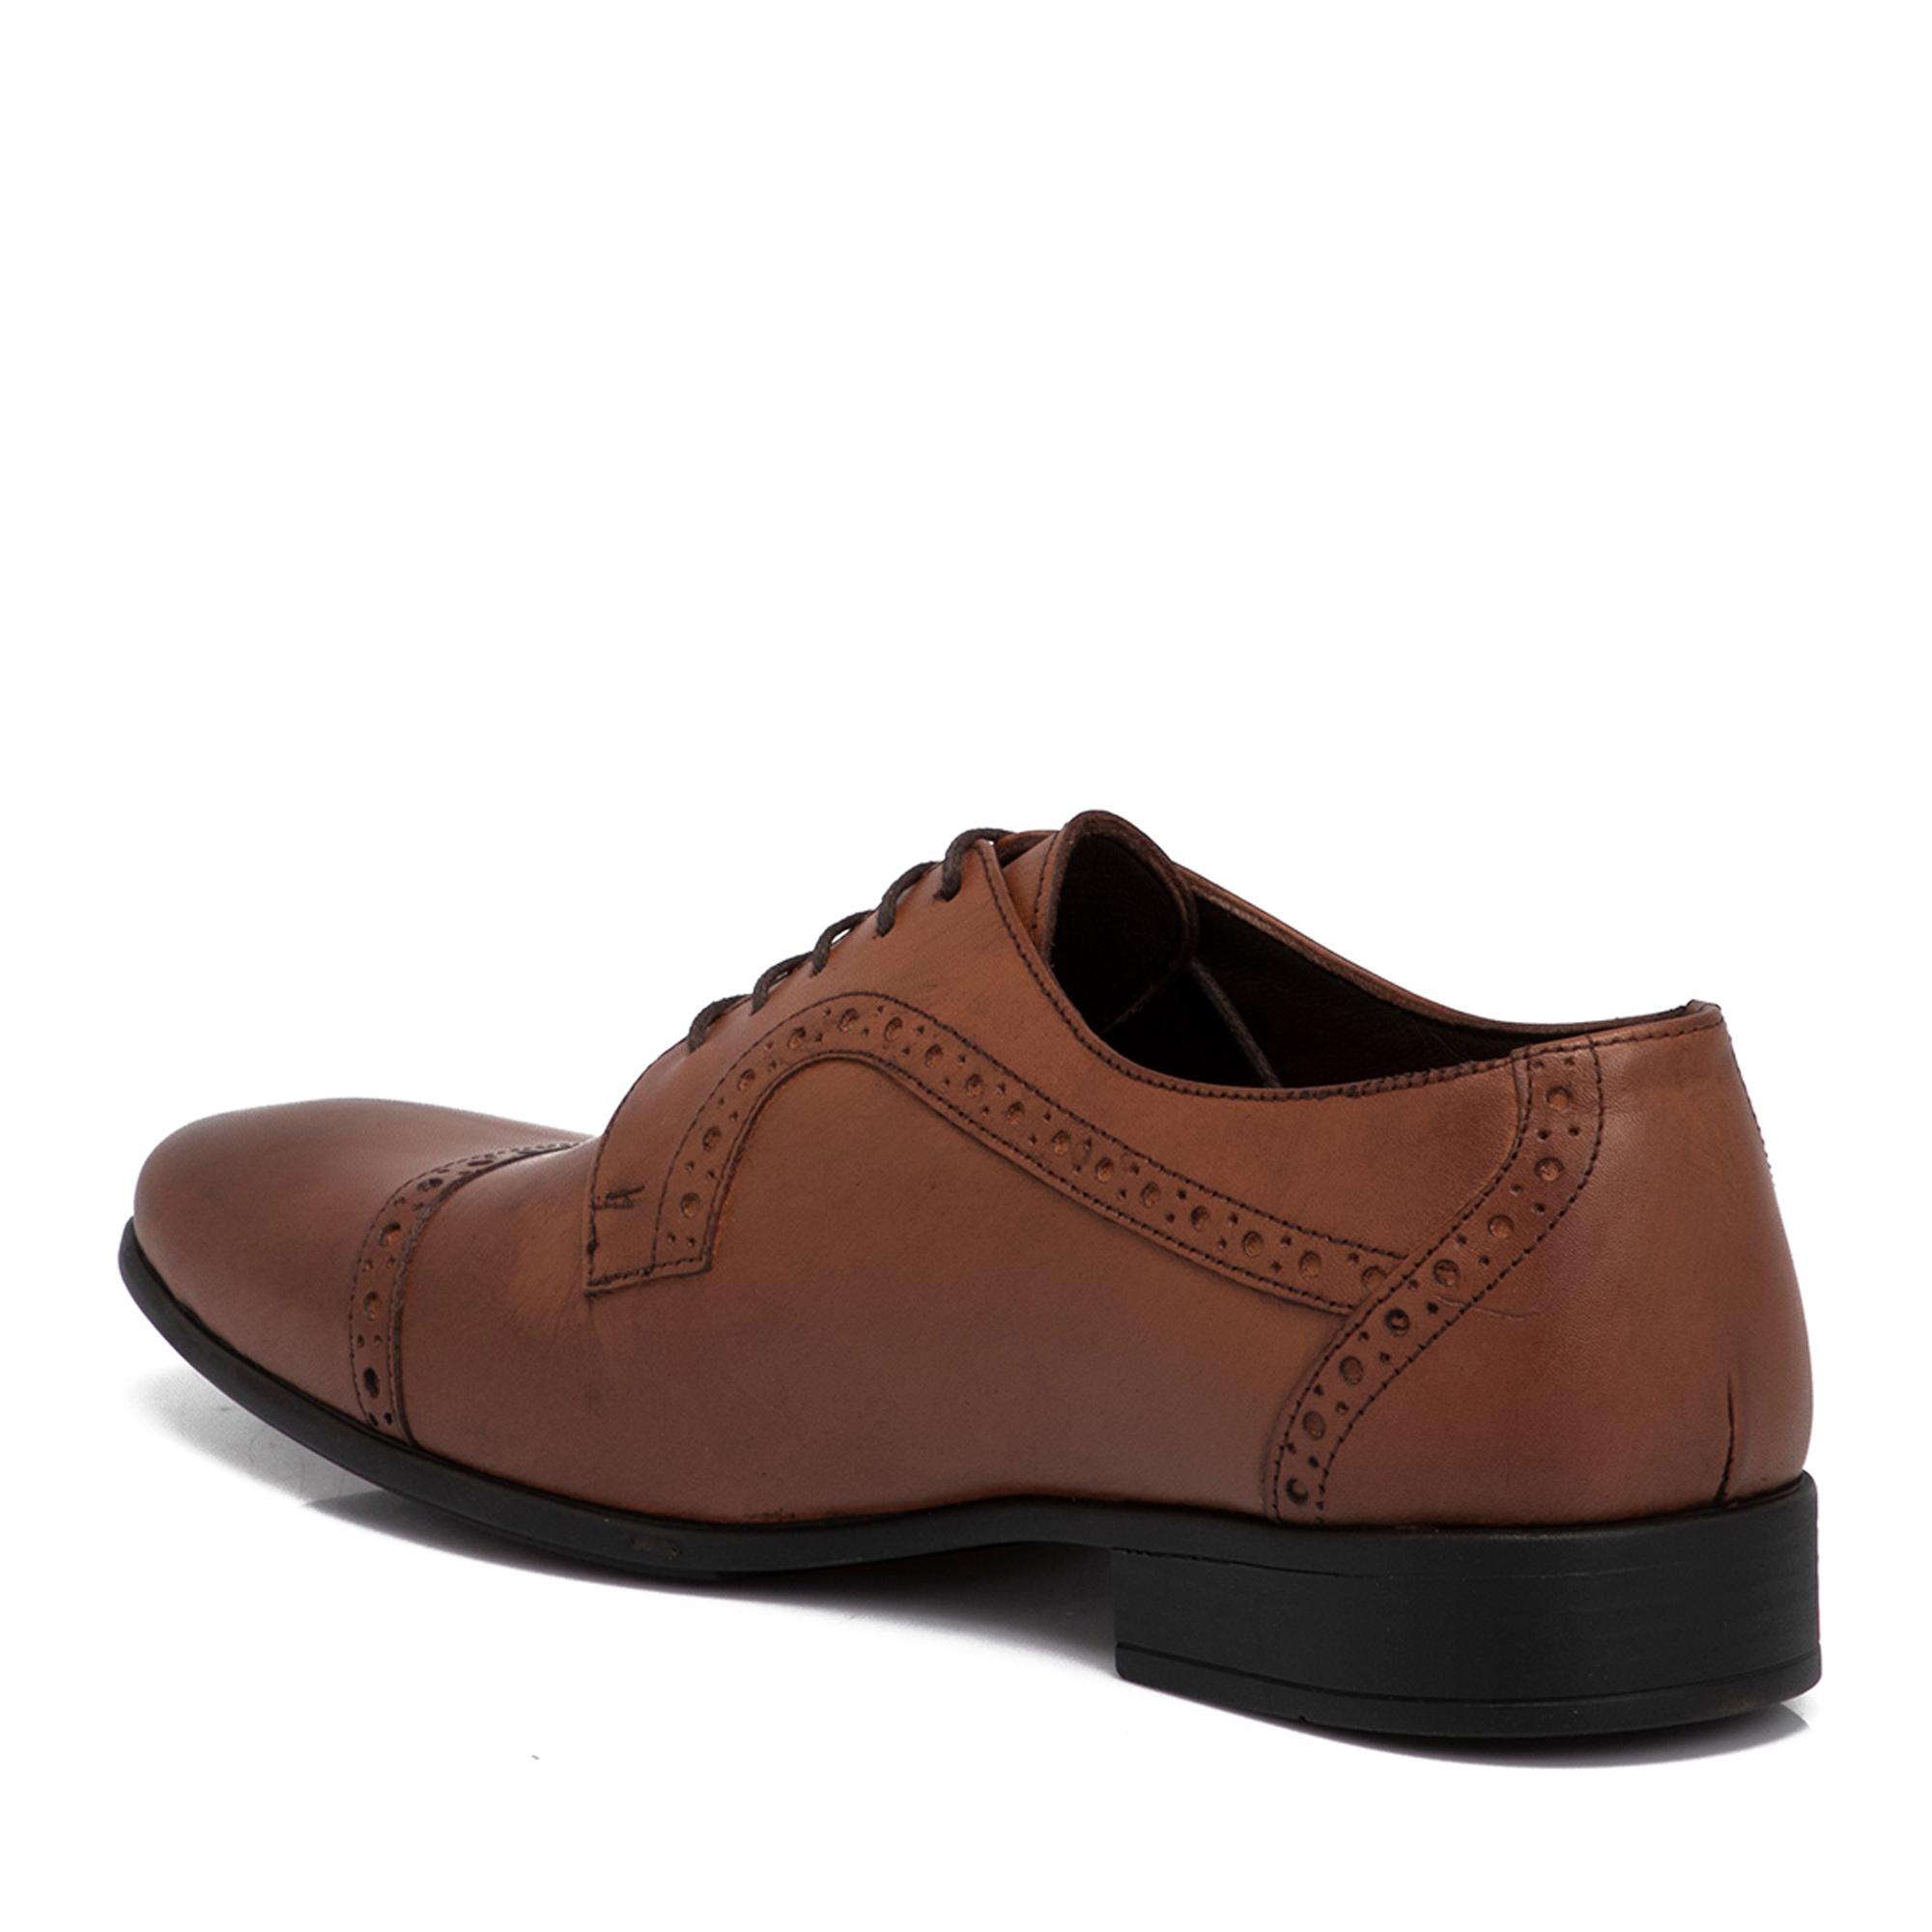 Taba Deri Erkek Ayakkabı 54378A29